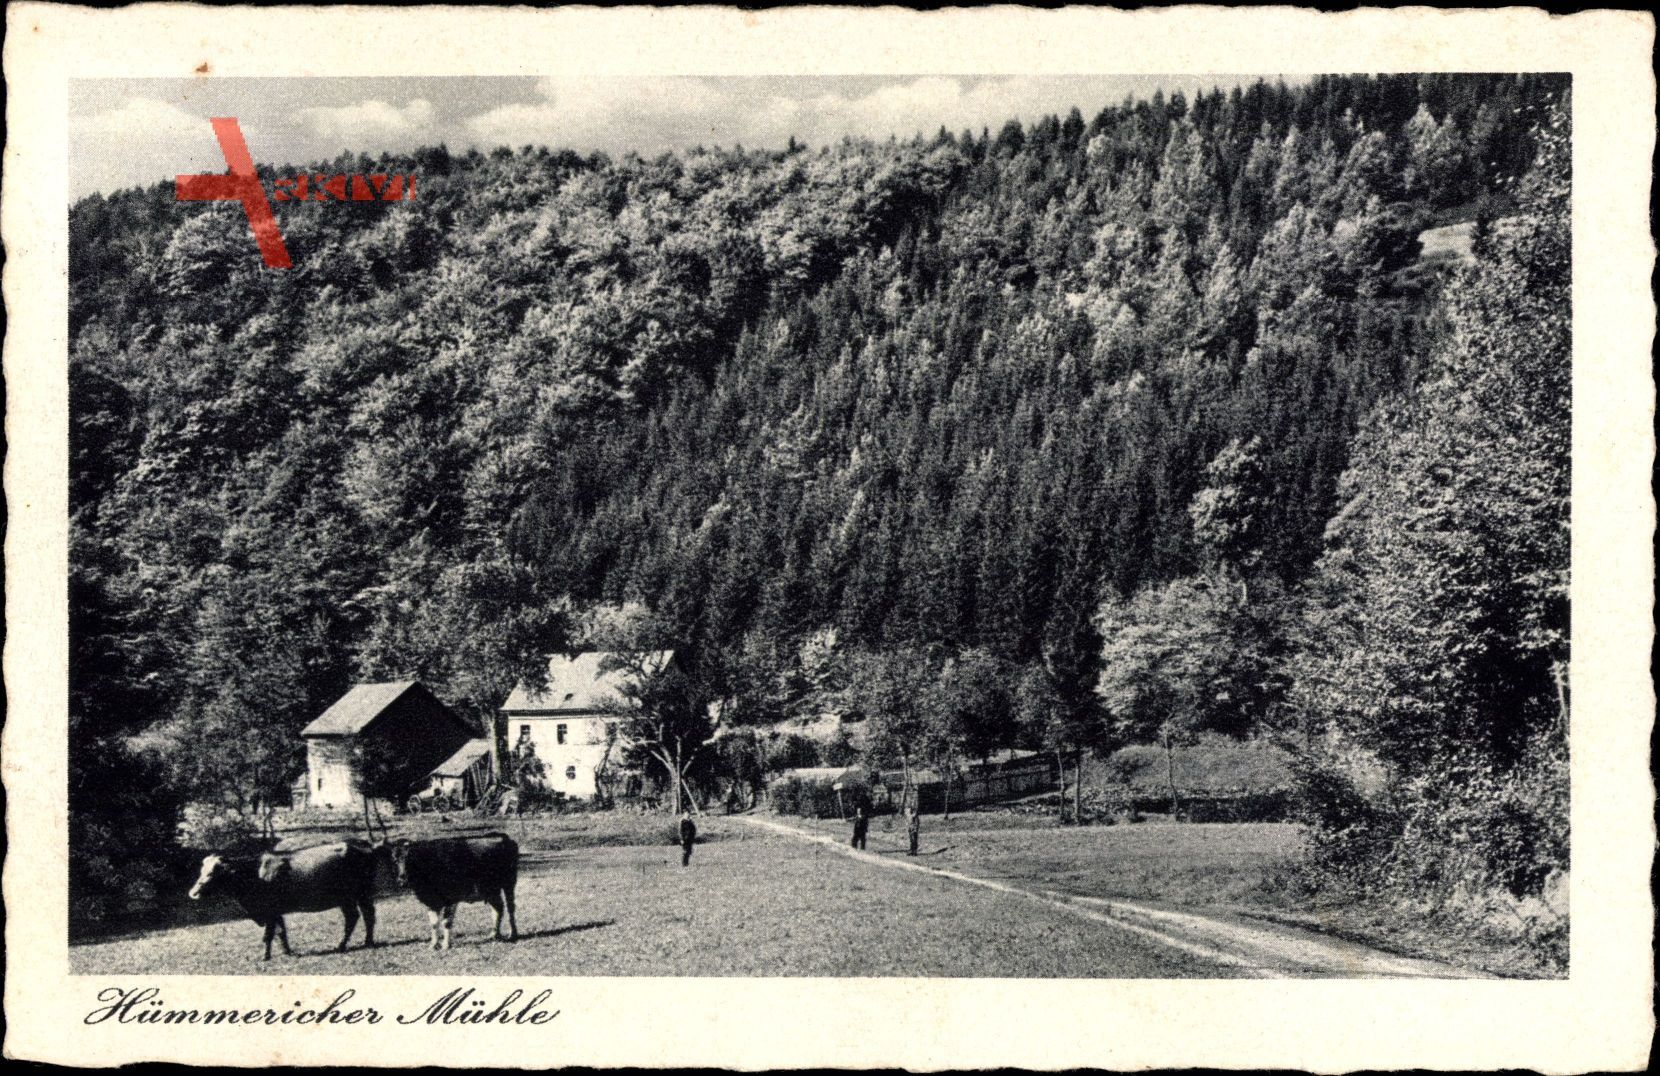 Hümmerich Landkreis Neuwied, Blick auf die Hümmericher Mühle, Rinder